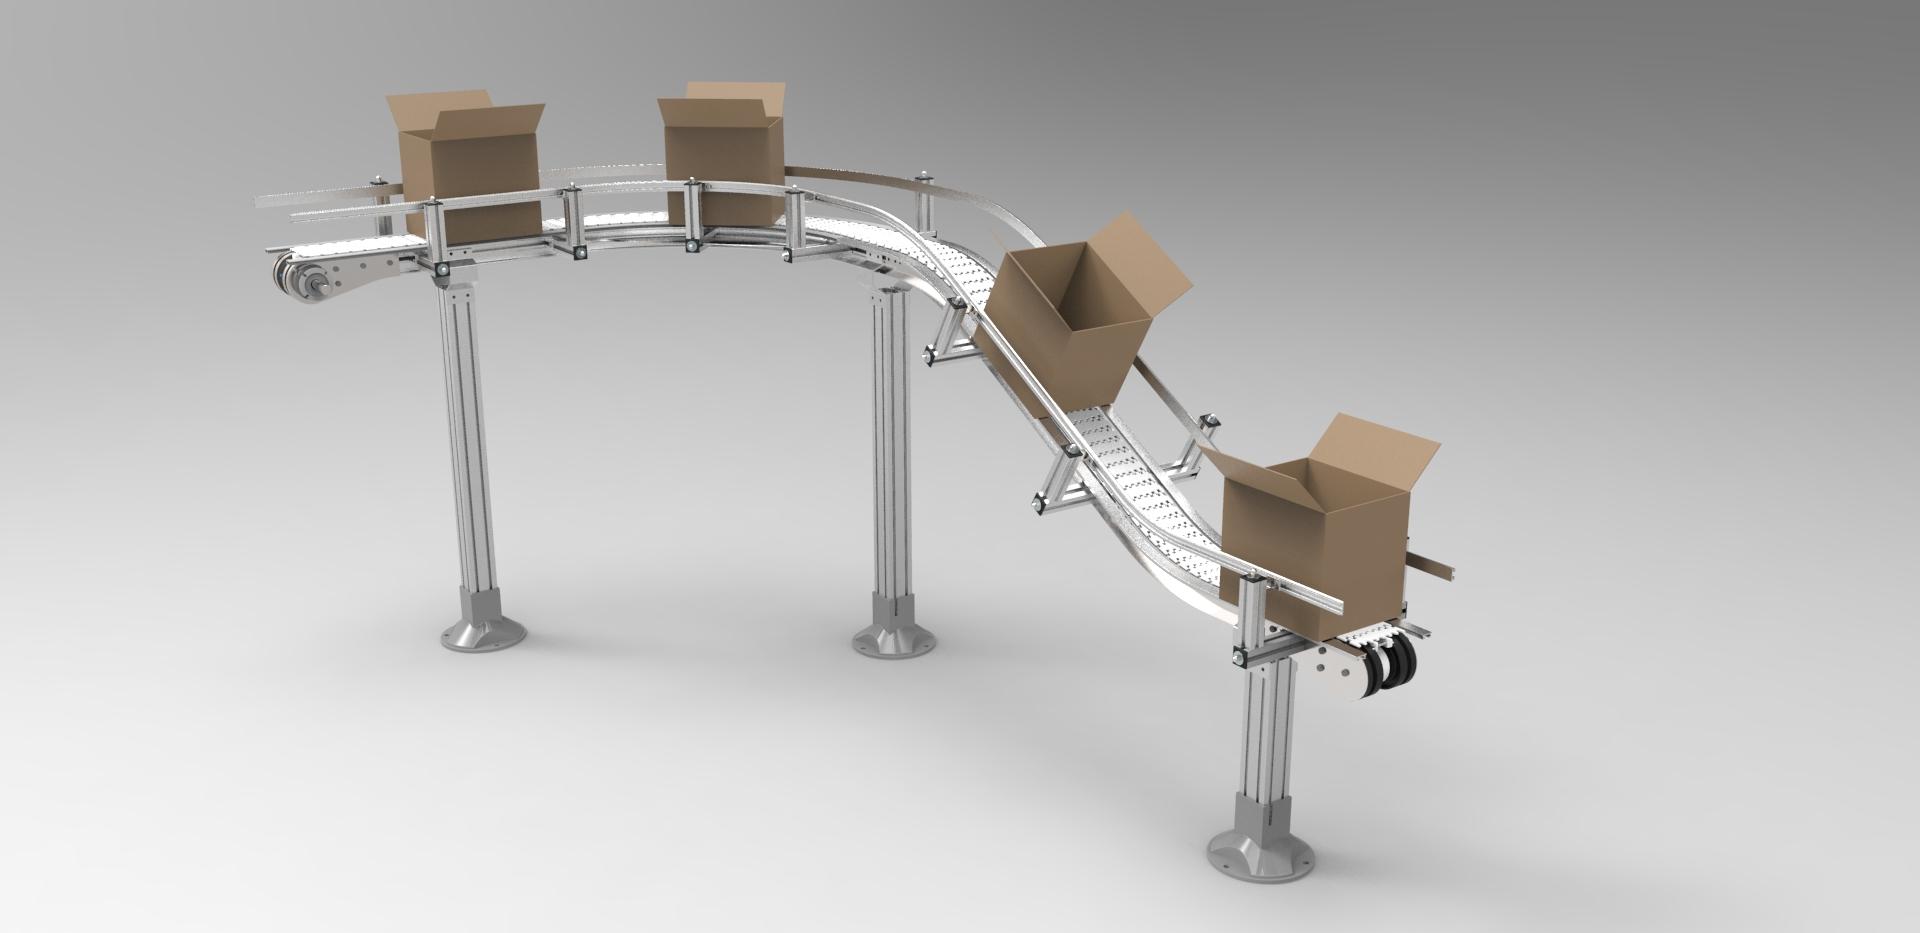 Hệ thống băng tải ngành thực phẩm